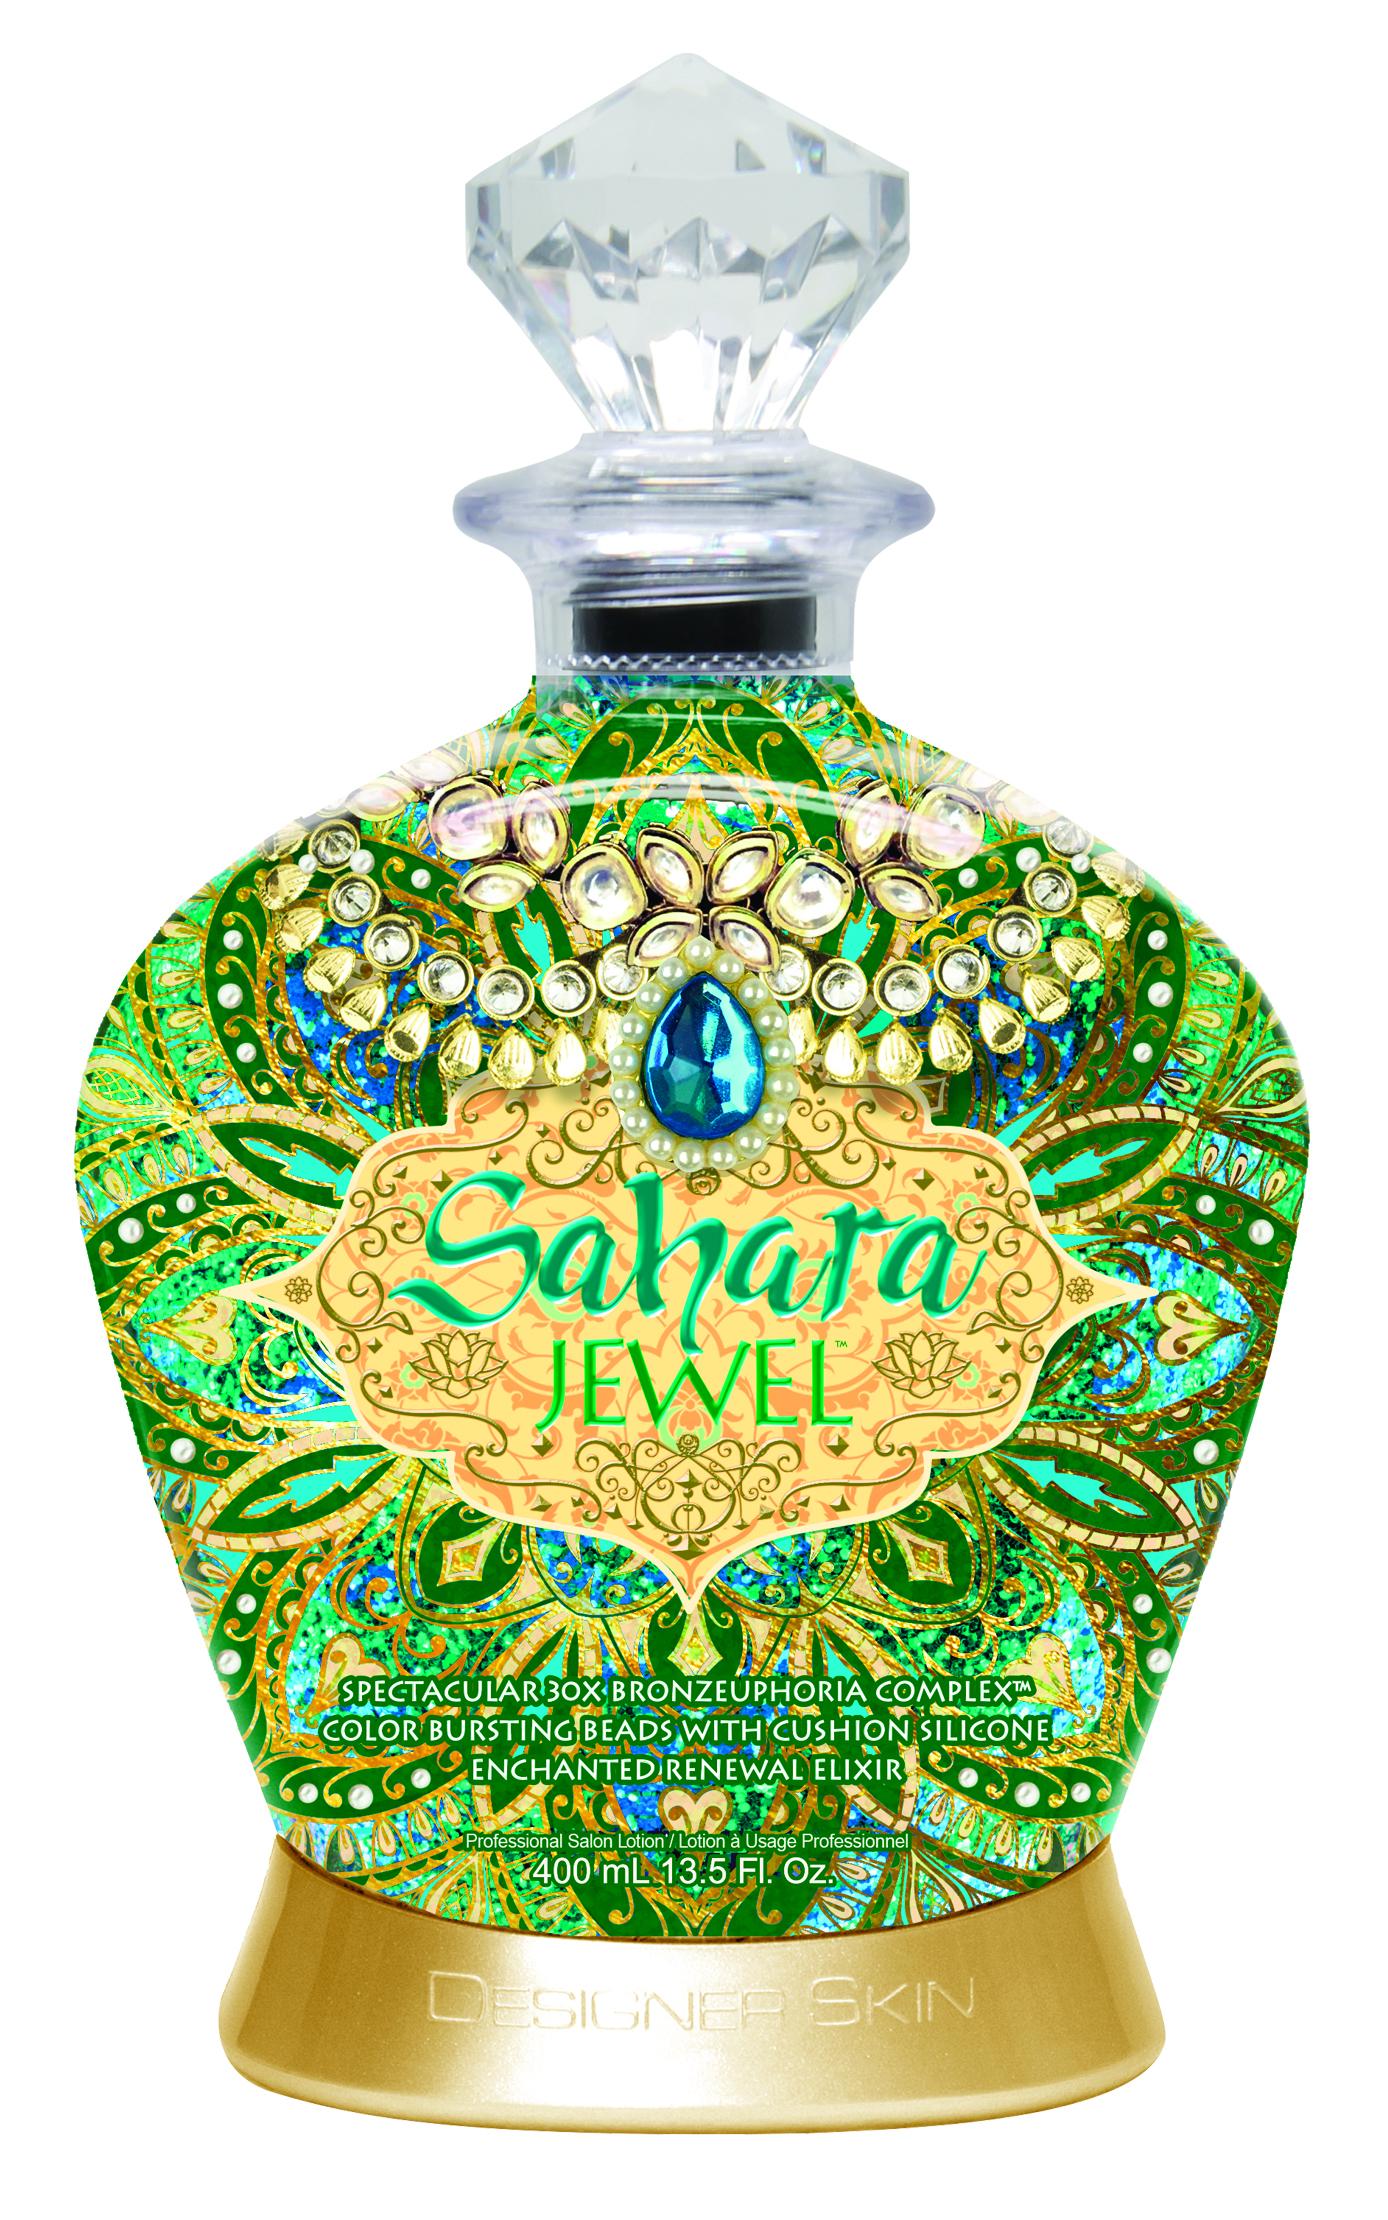 Sahara Jewel™ Spectacular 30X Bronzeuphoria Complex™